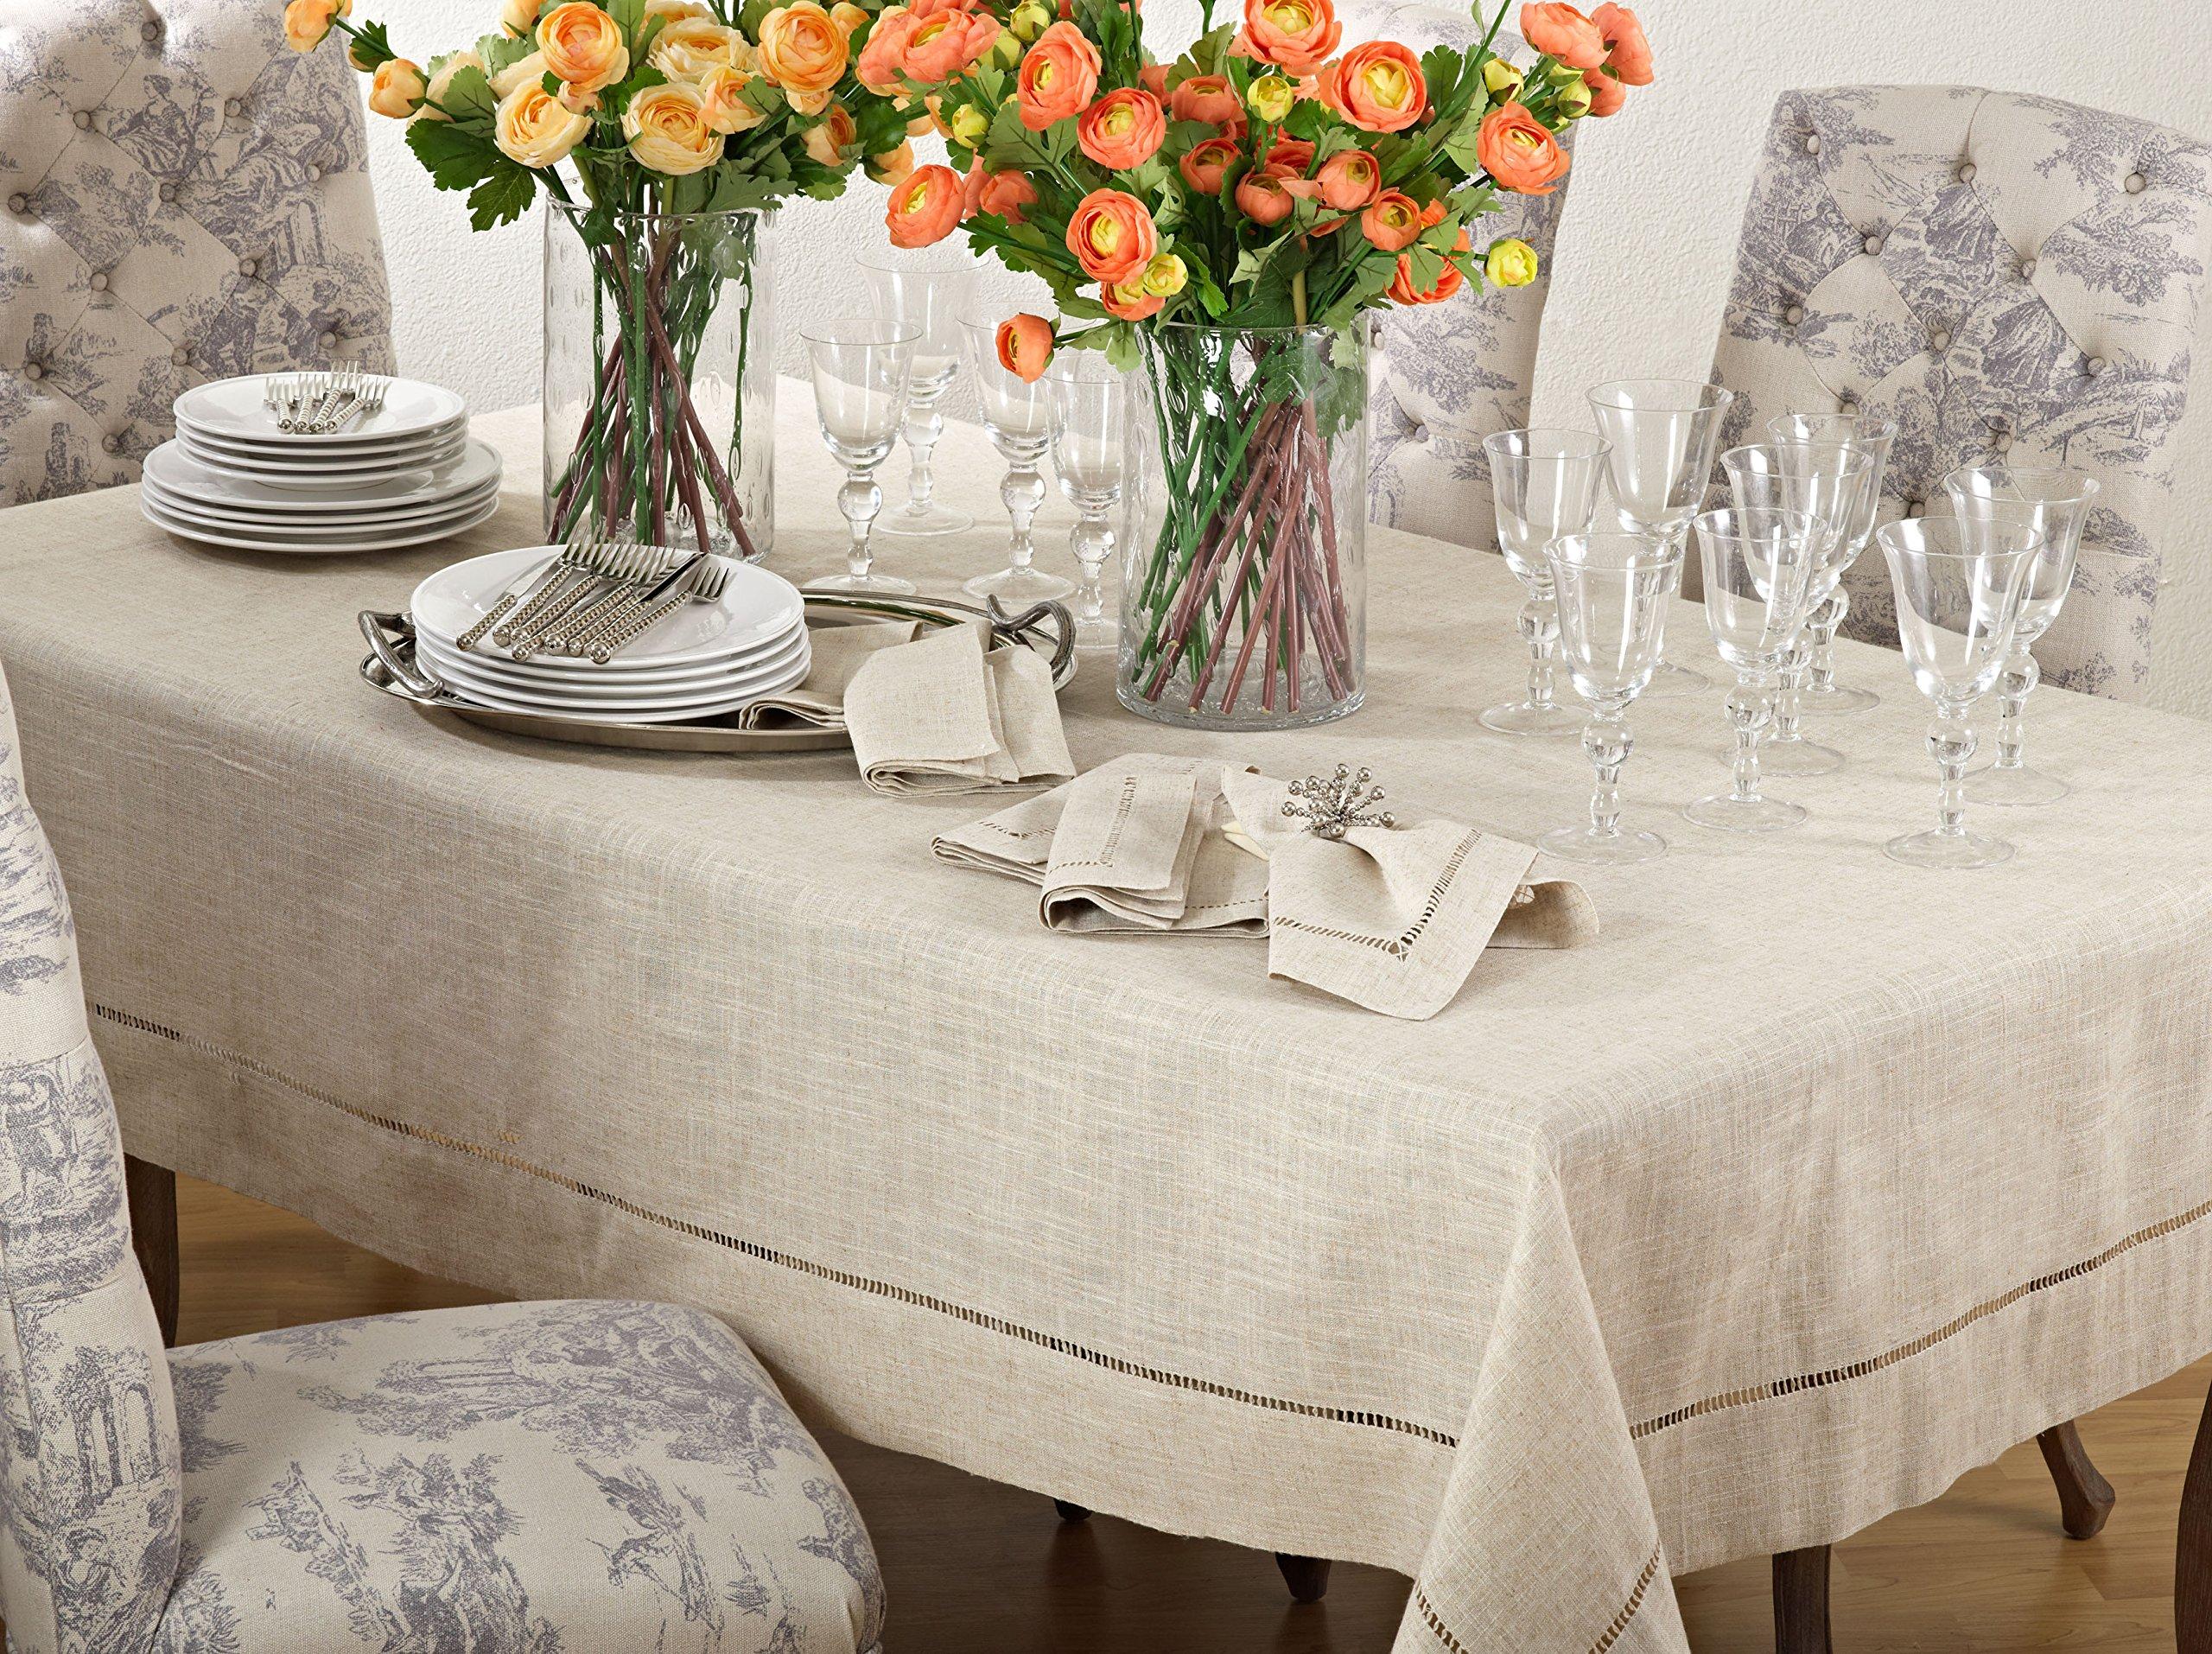 Central Ceiling 80//80 cm Table Linen Set 2 Pieces Linen Look Tablecloth 130//160